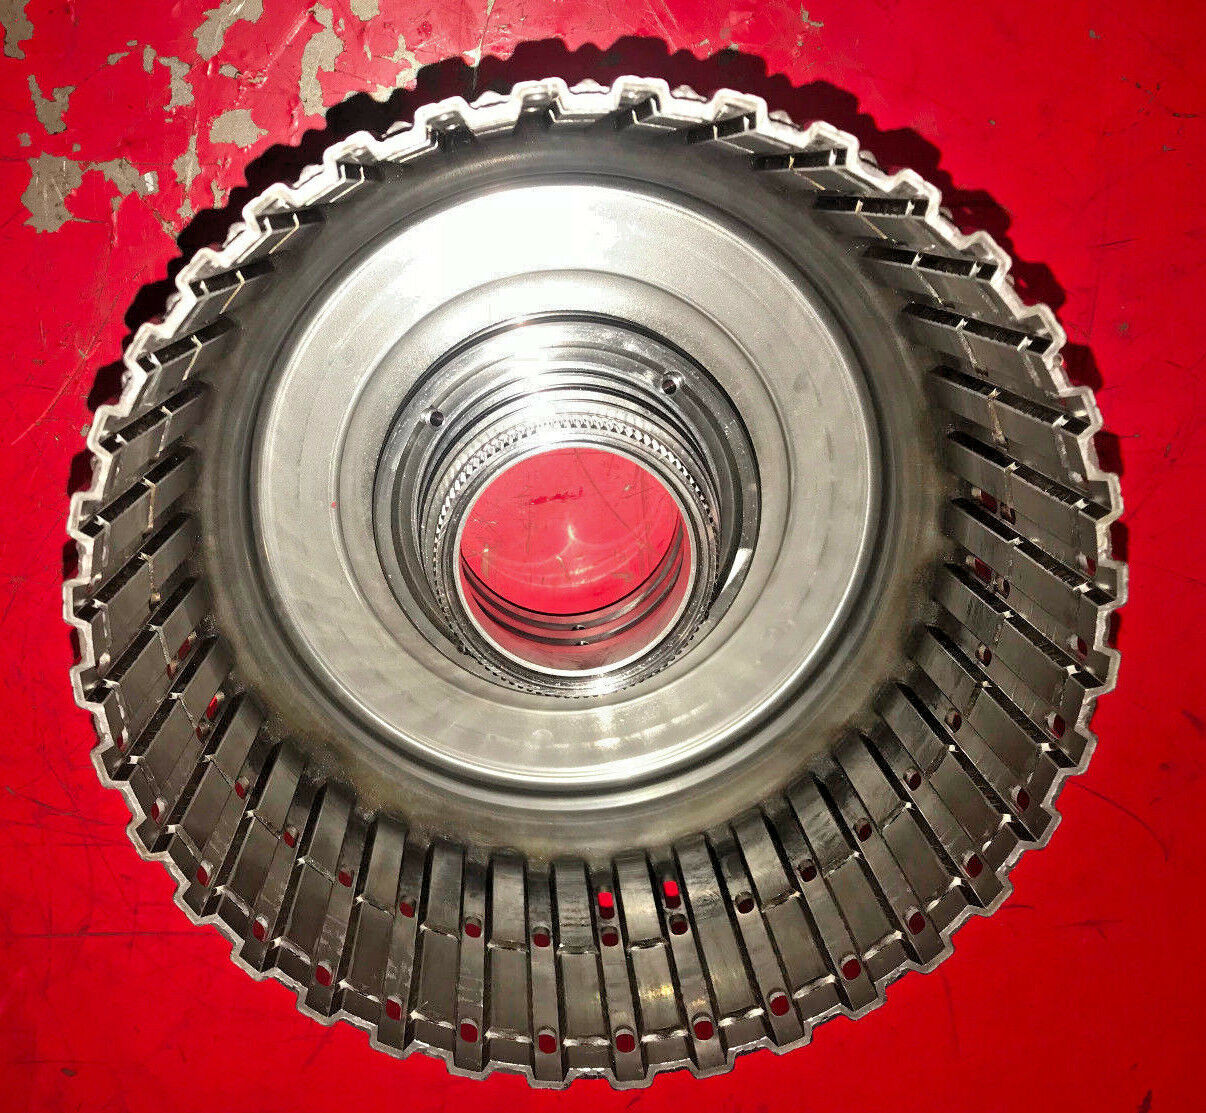 6l90 2007+ 6L90 1-2-3-4 & 3-5 REV  tambour - 4.930 Grand & 8 5 16 O D  économiser jusqu'à 70% de réduction